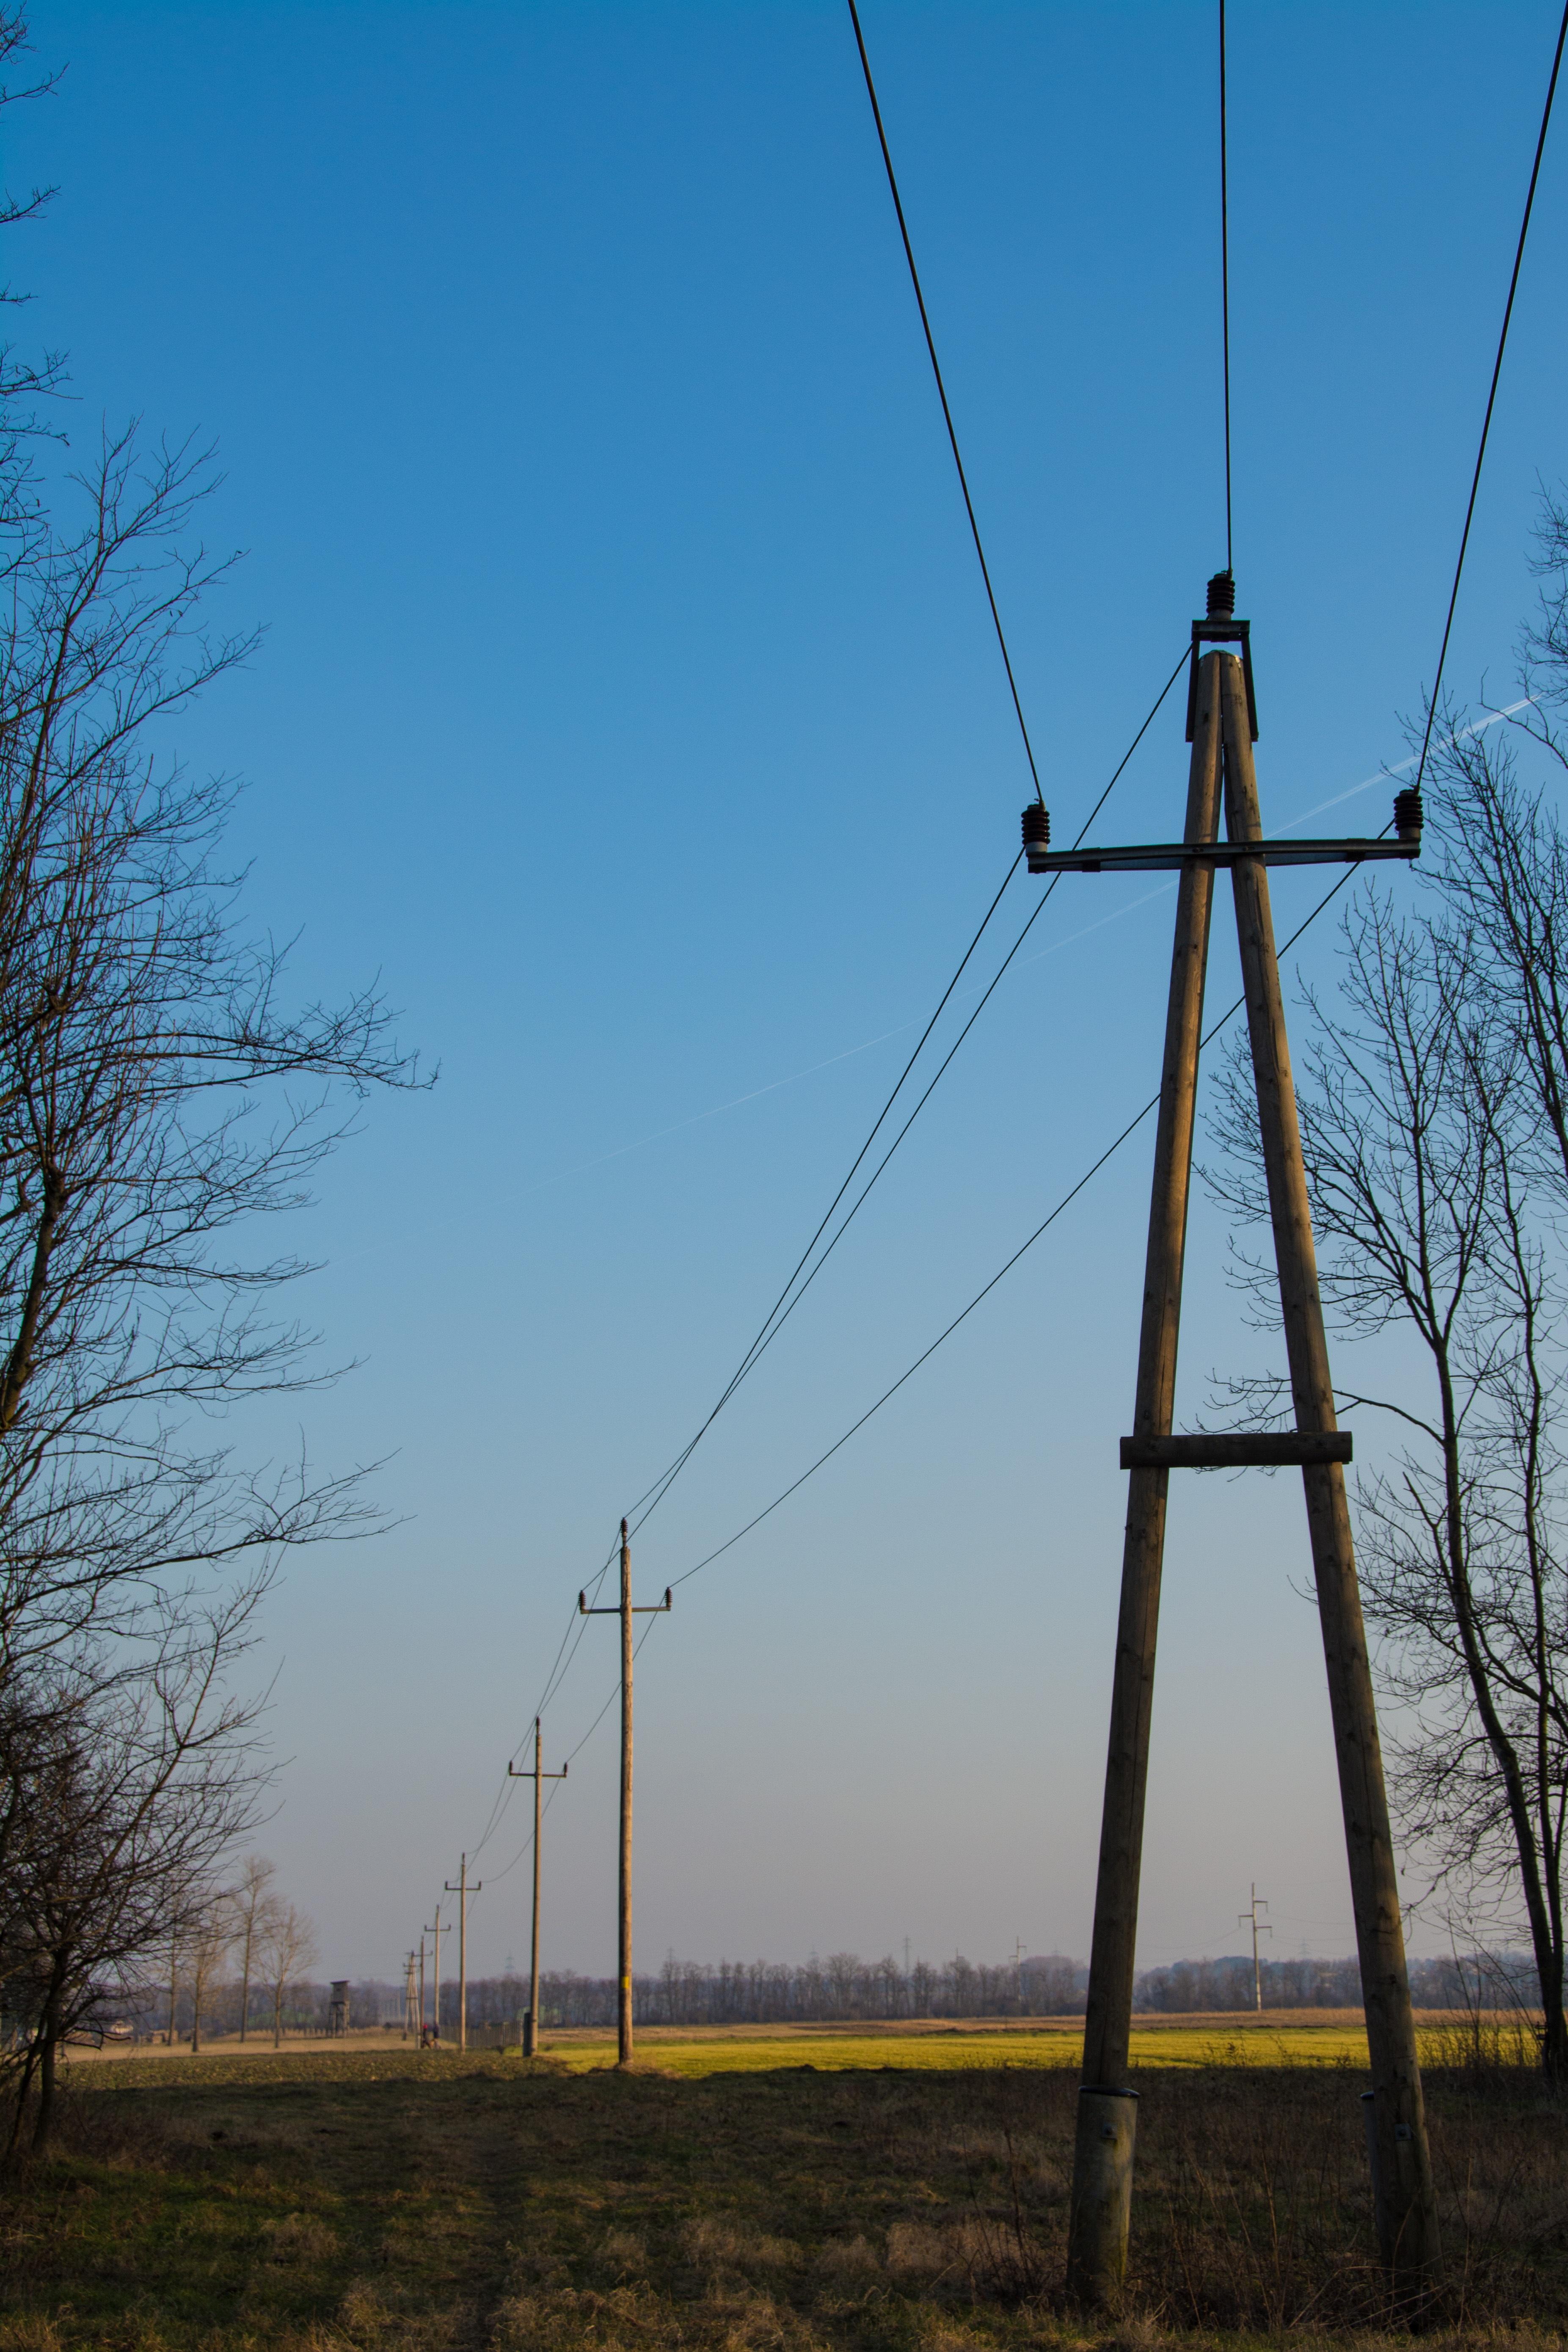 Fotos gratis : árbol, viento, línea, torre, Línea eléctrica, mástil ...